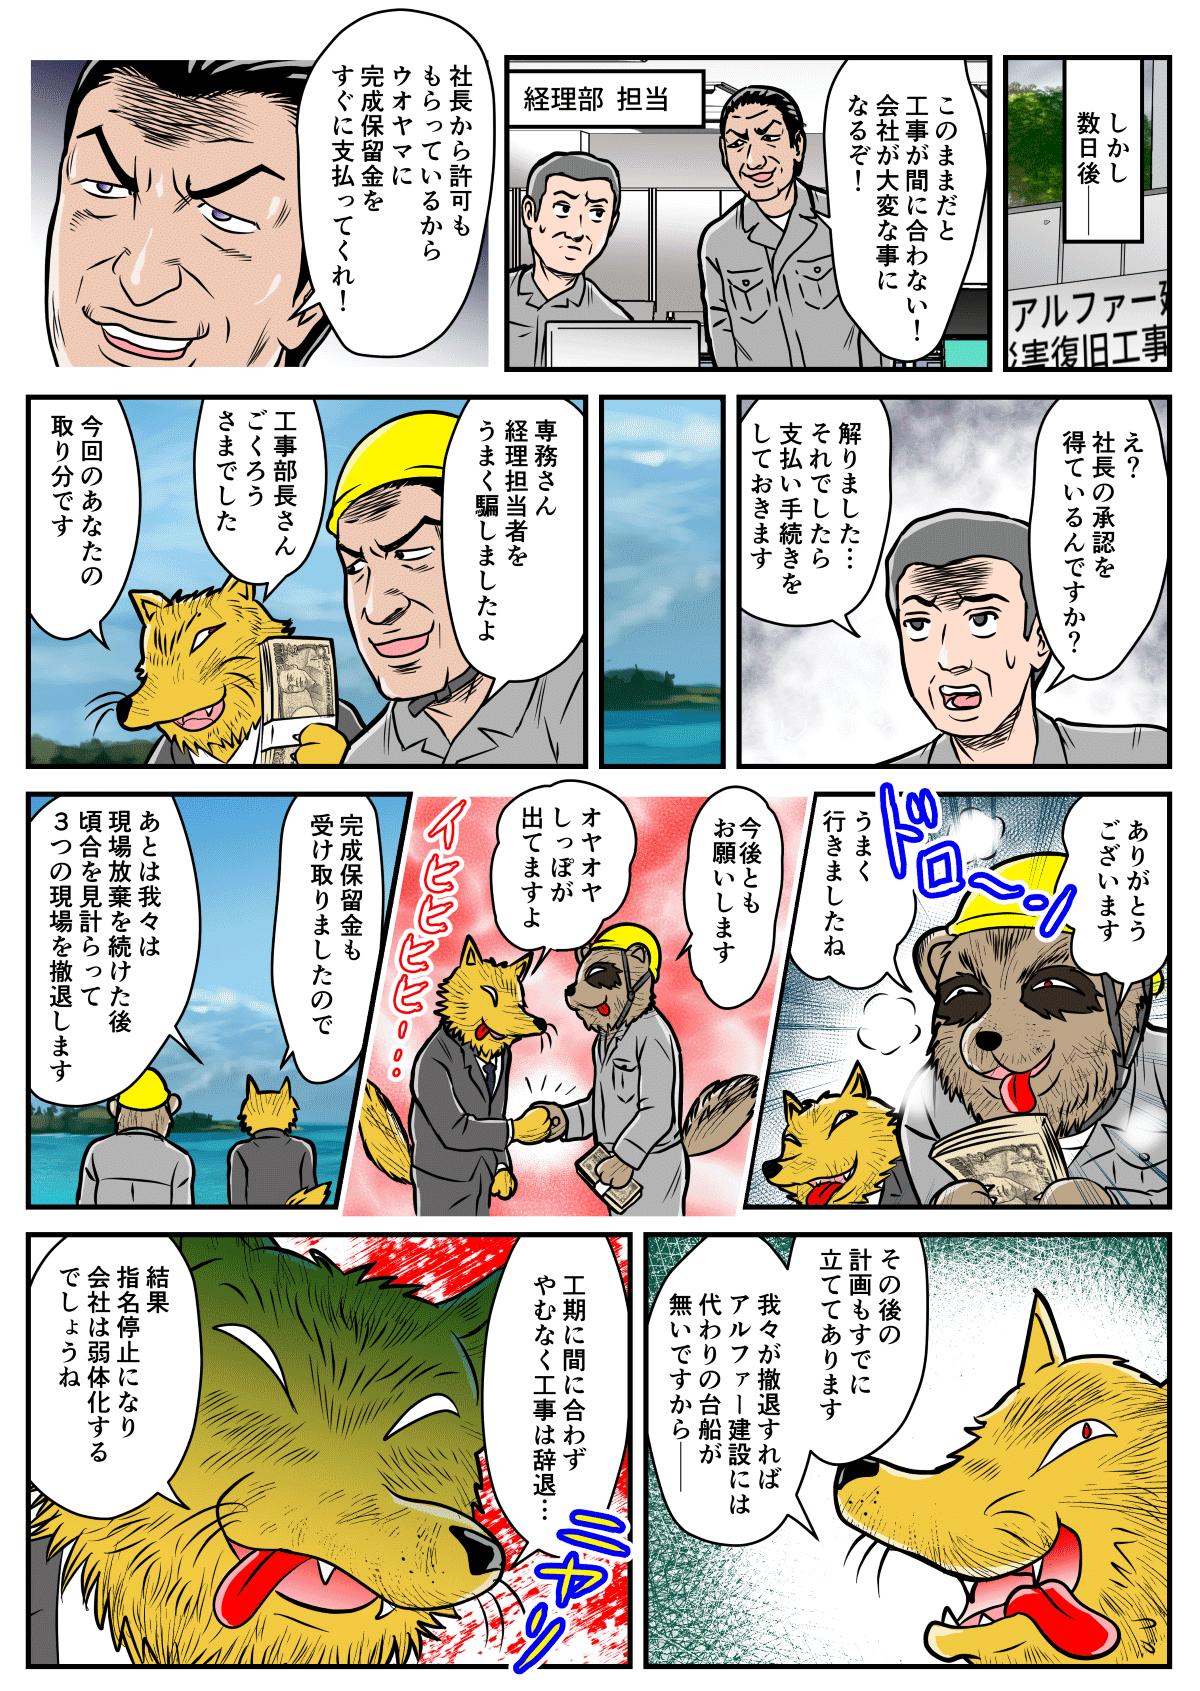 uoyama02_02